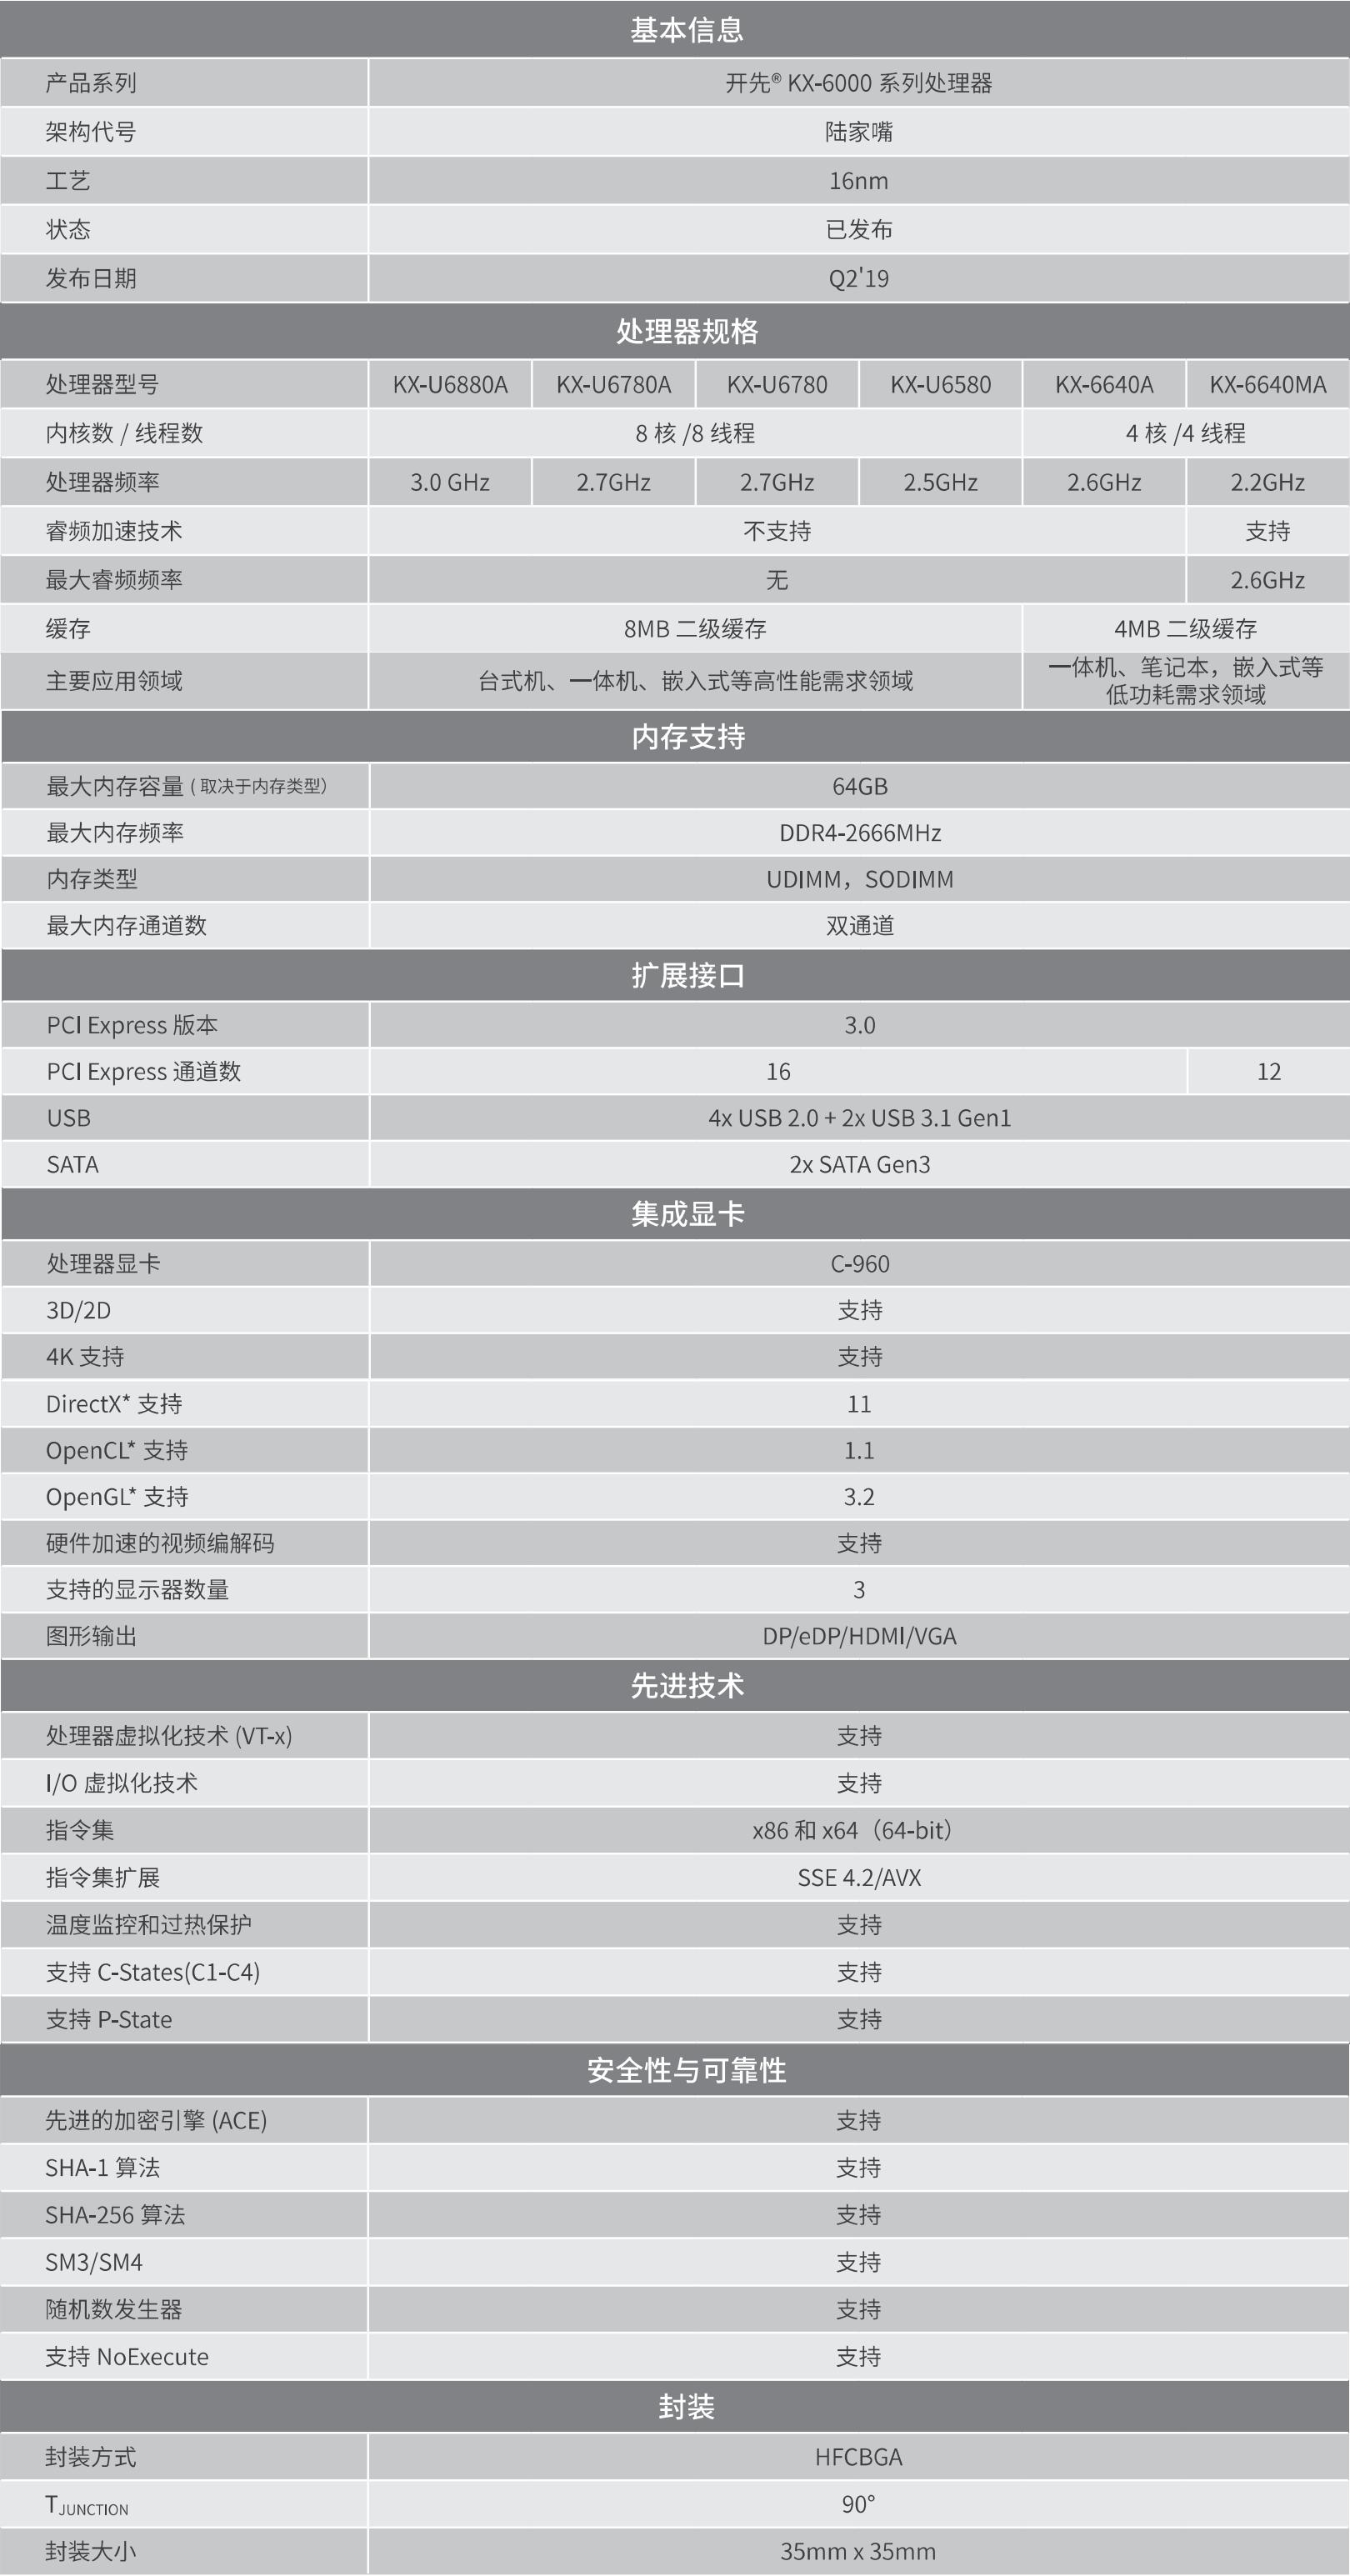 开先® KX-6000系列处理器